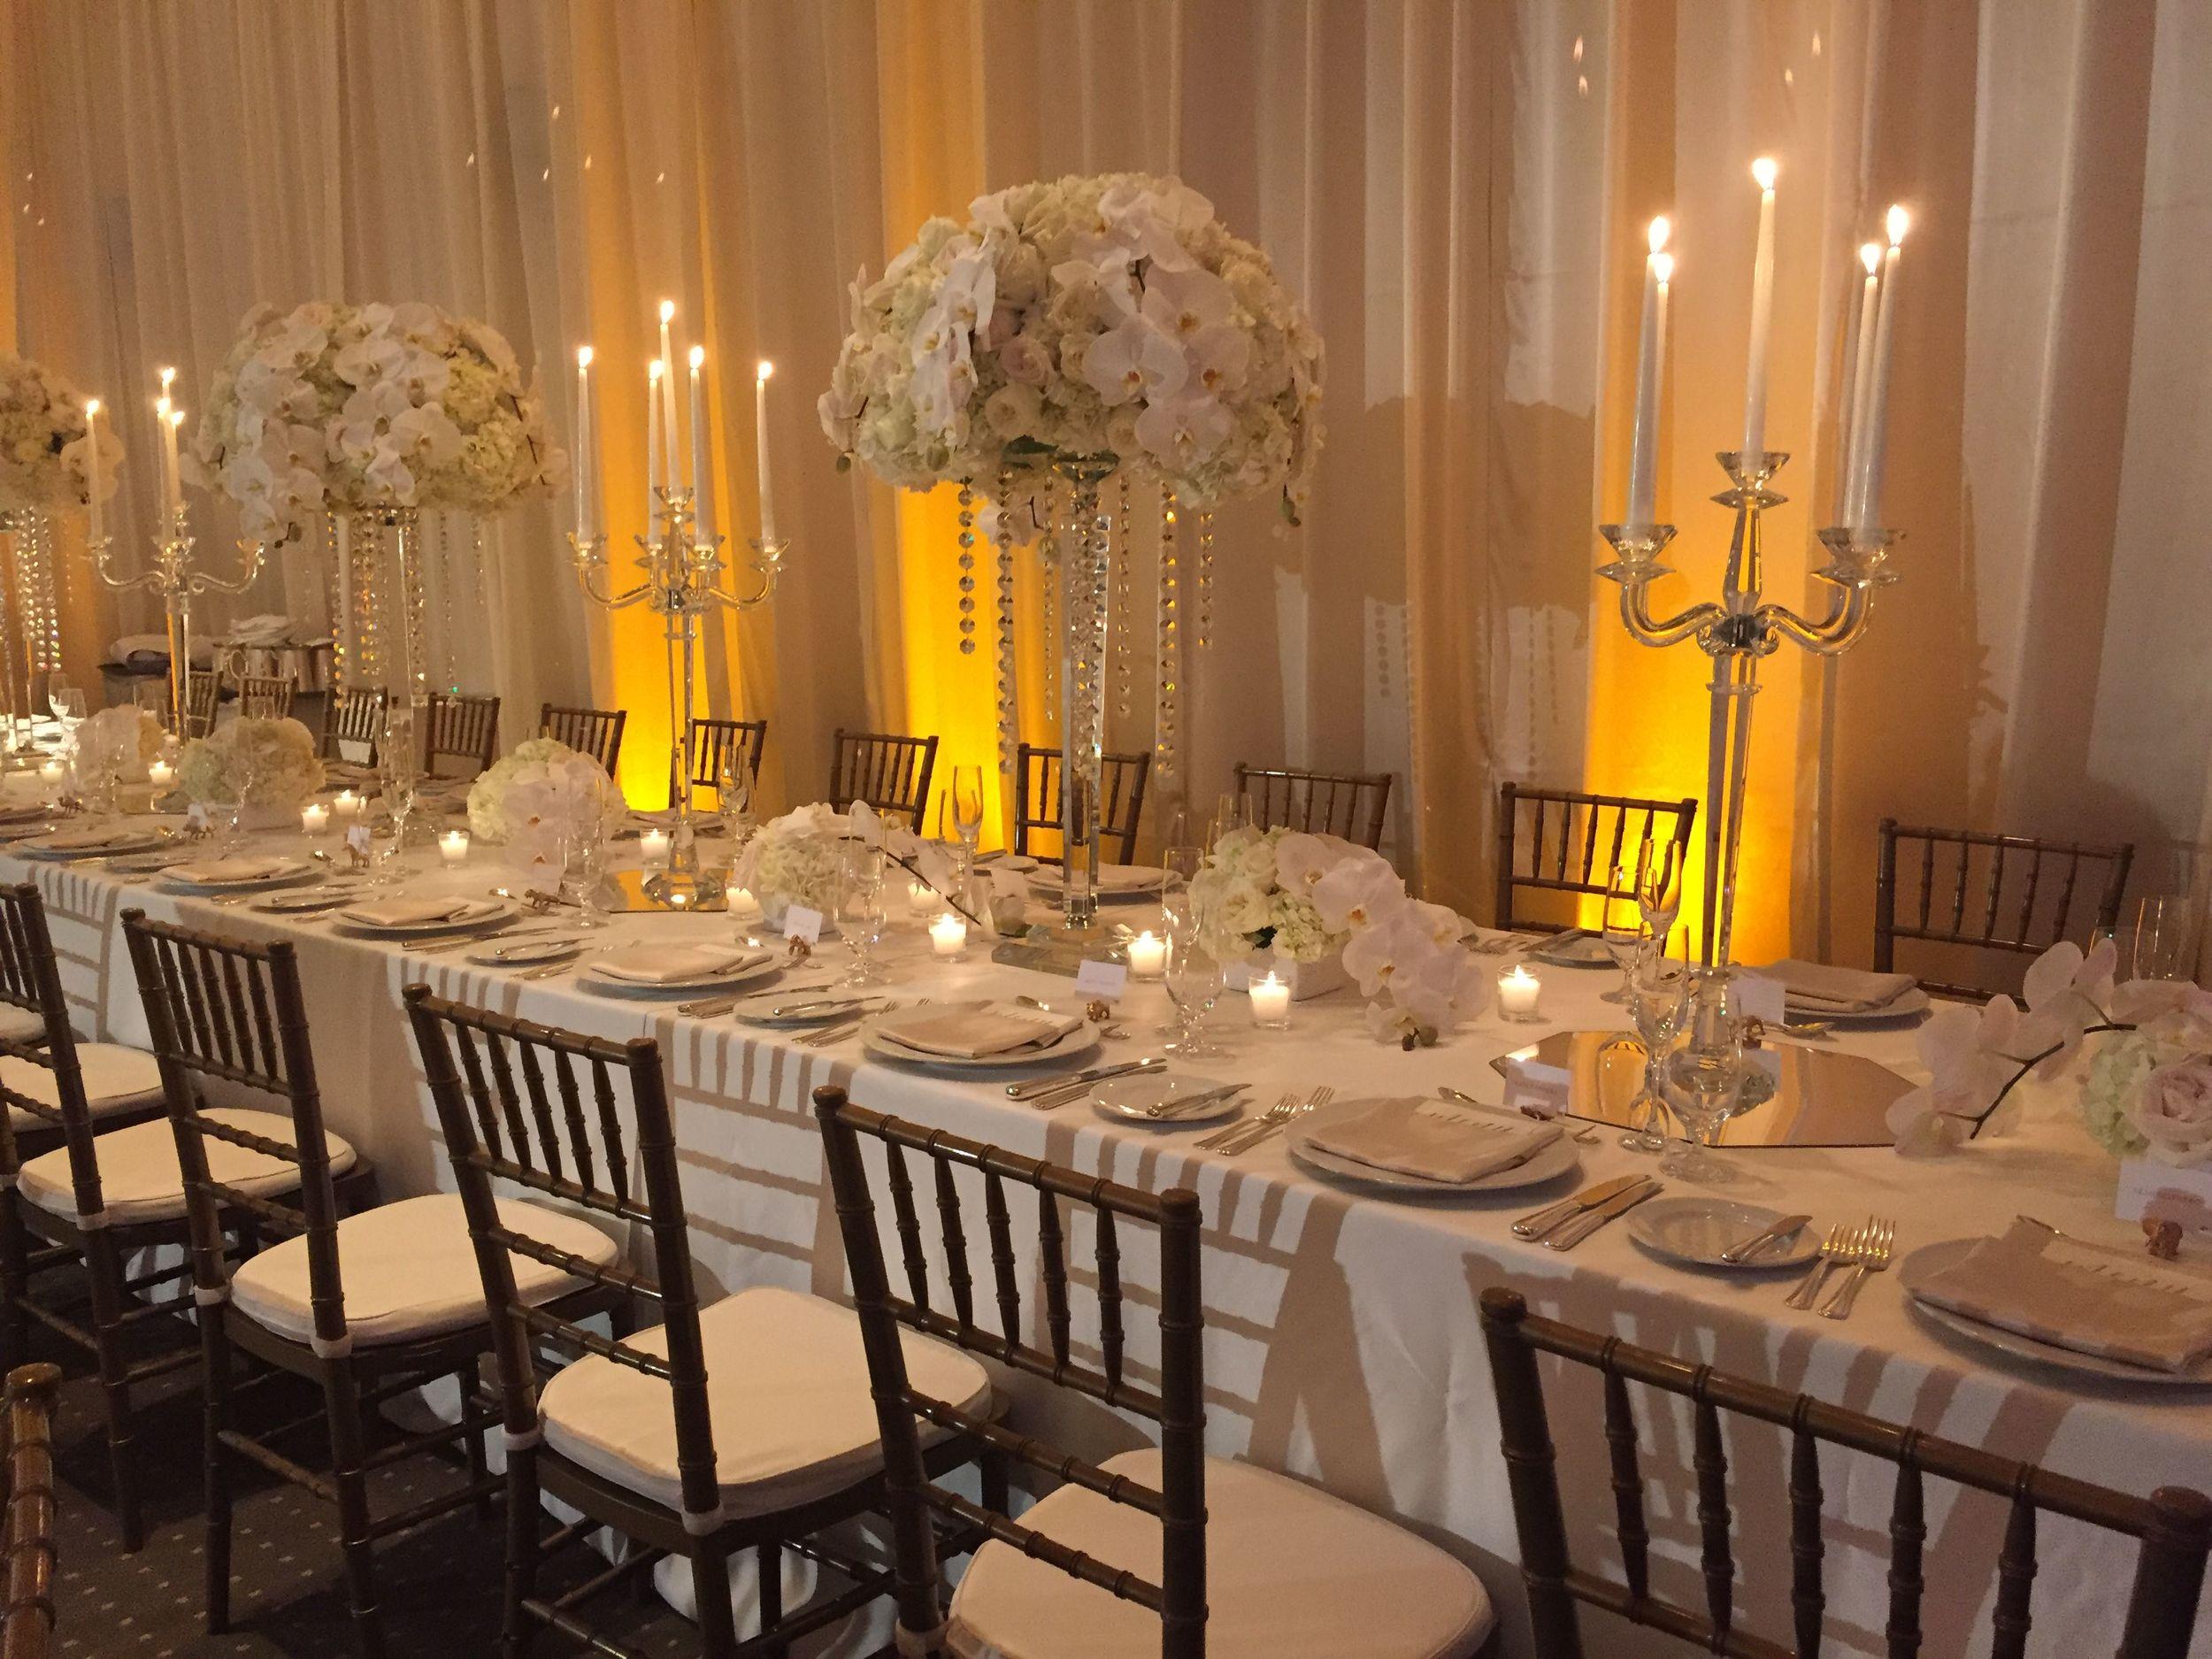 Curate-Weddings-Aftin-Dan-Candelabras.JPG